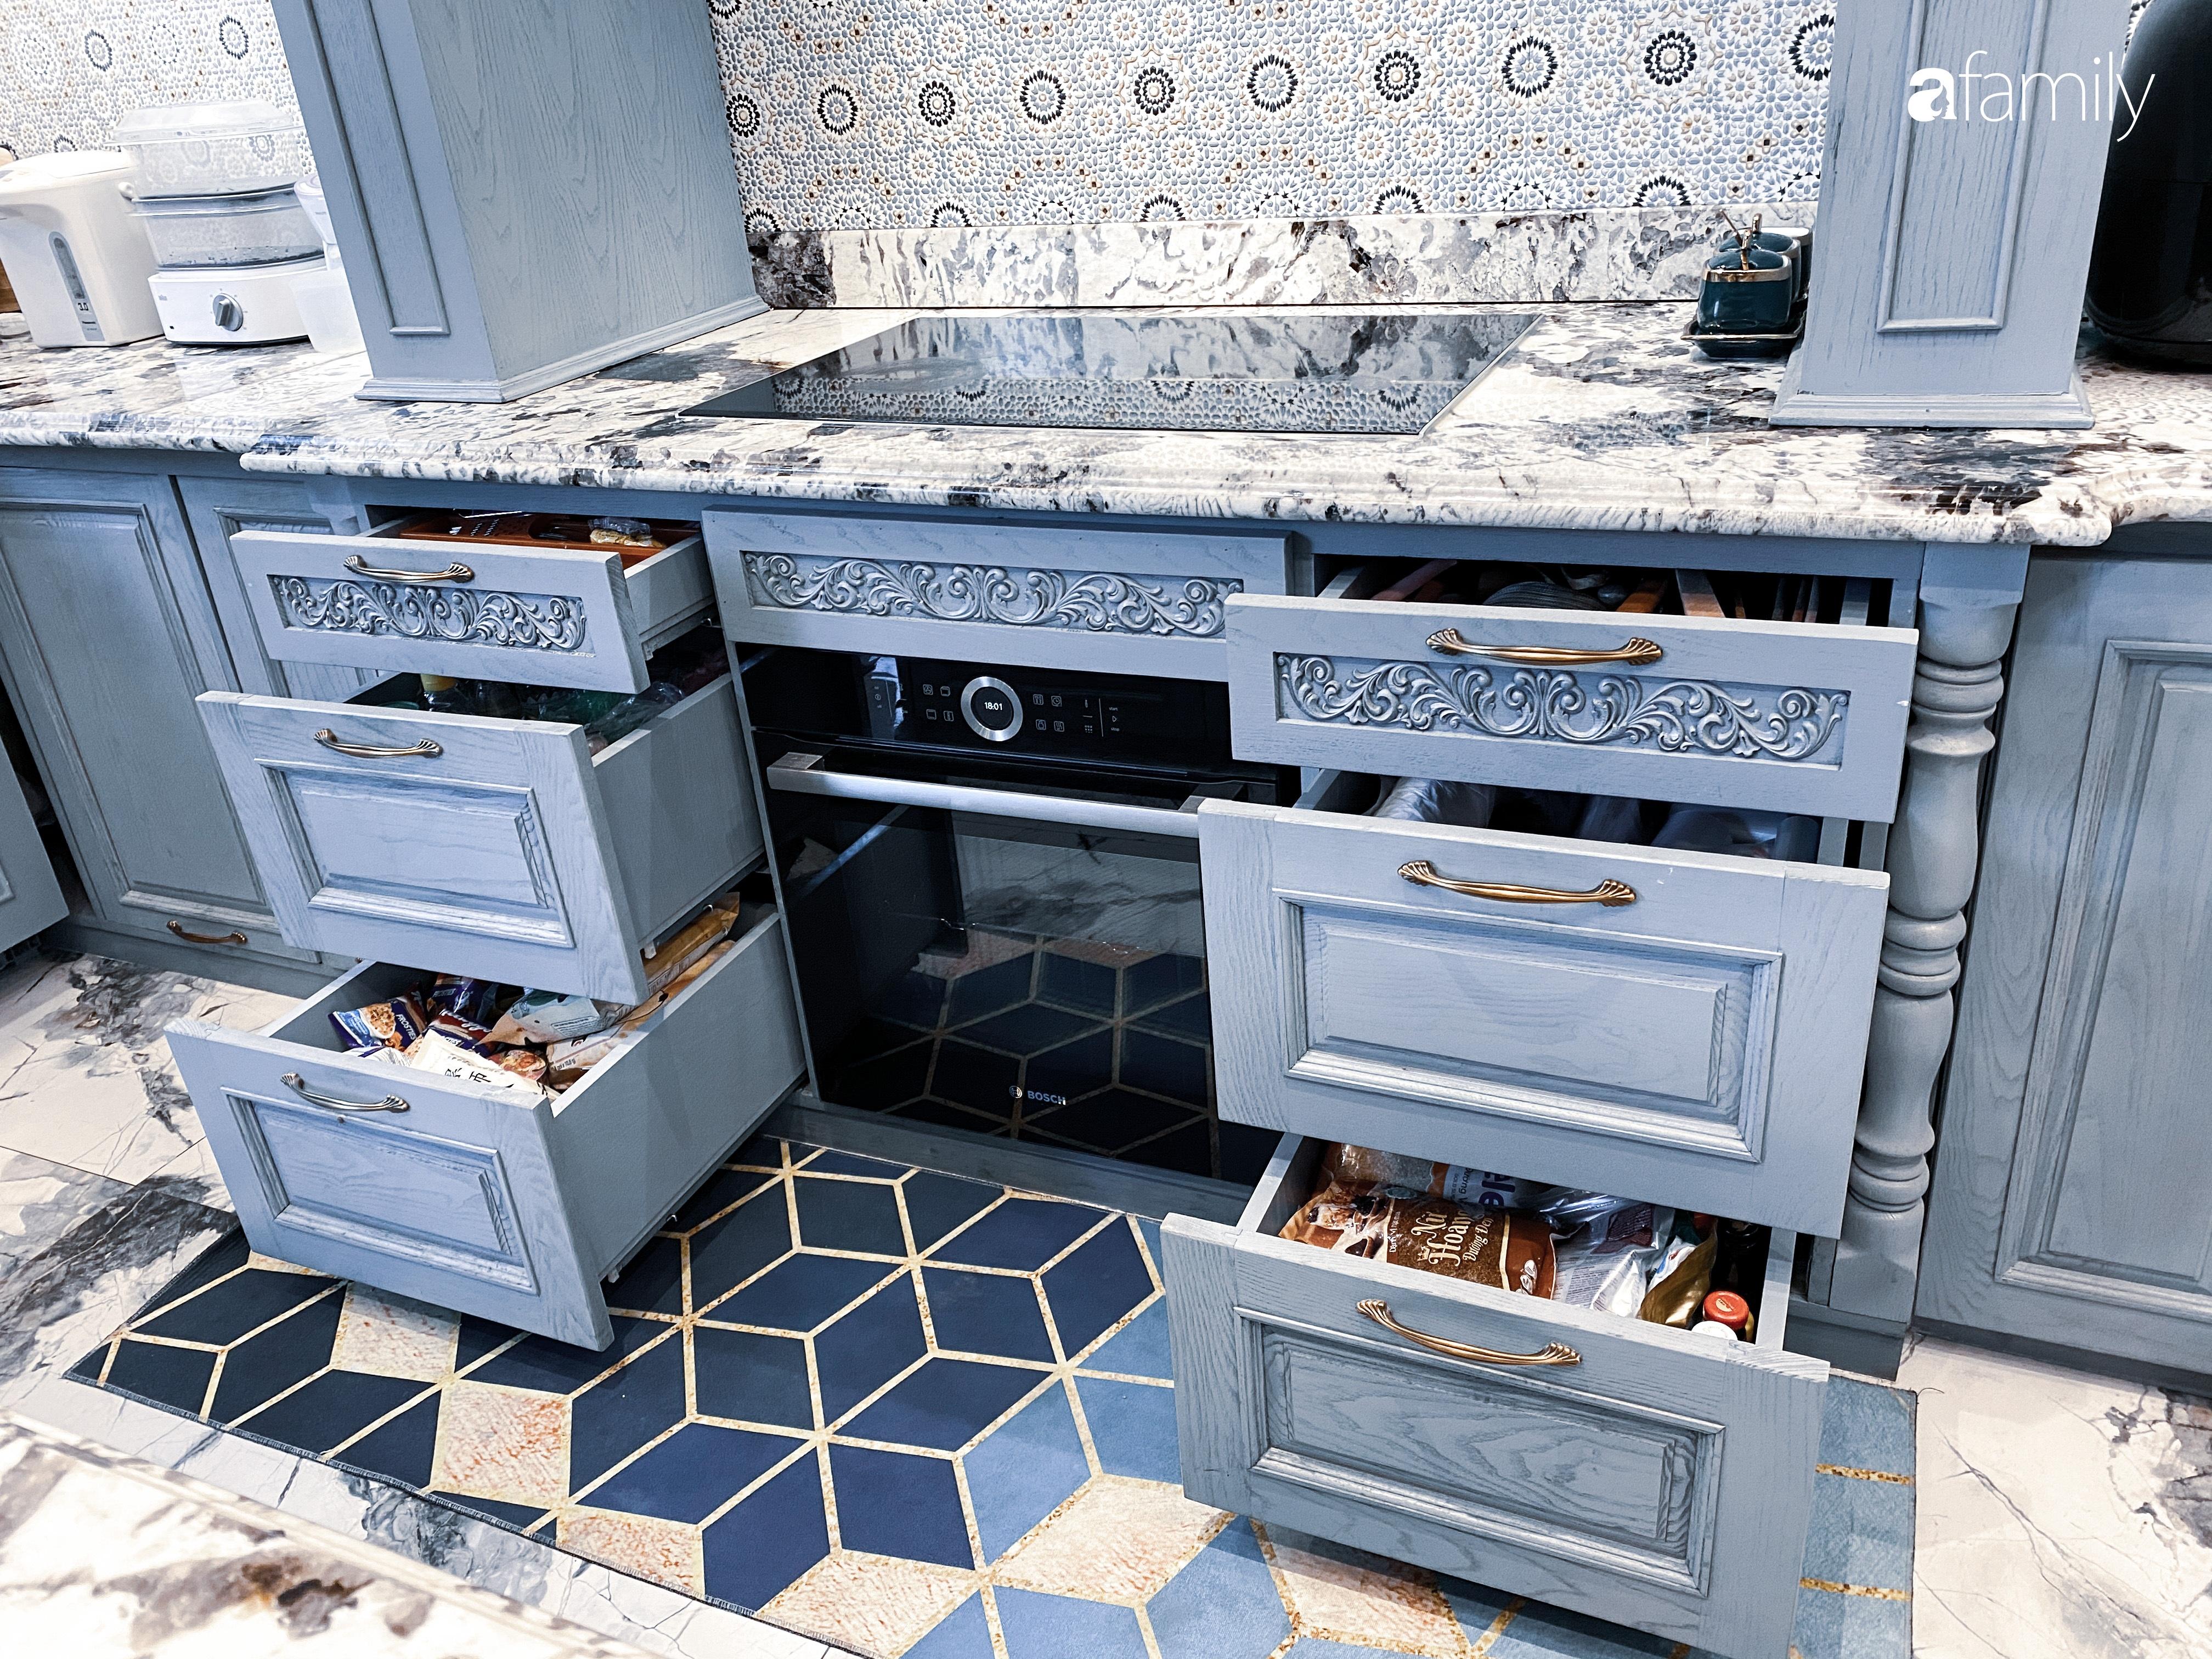 """""""Nghiện"""" sắm đồ bếp, hot mom Thủy Anh vợ Đăng Khôi tự decor không gian nấu nướng đẹp sang chảnh ngút ngàn - Ảnh 13."""